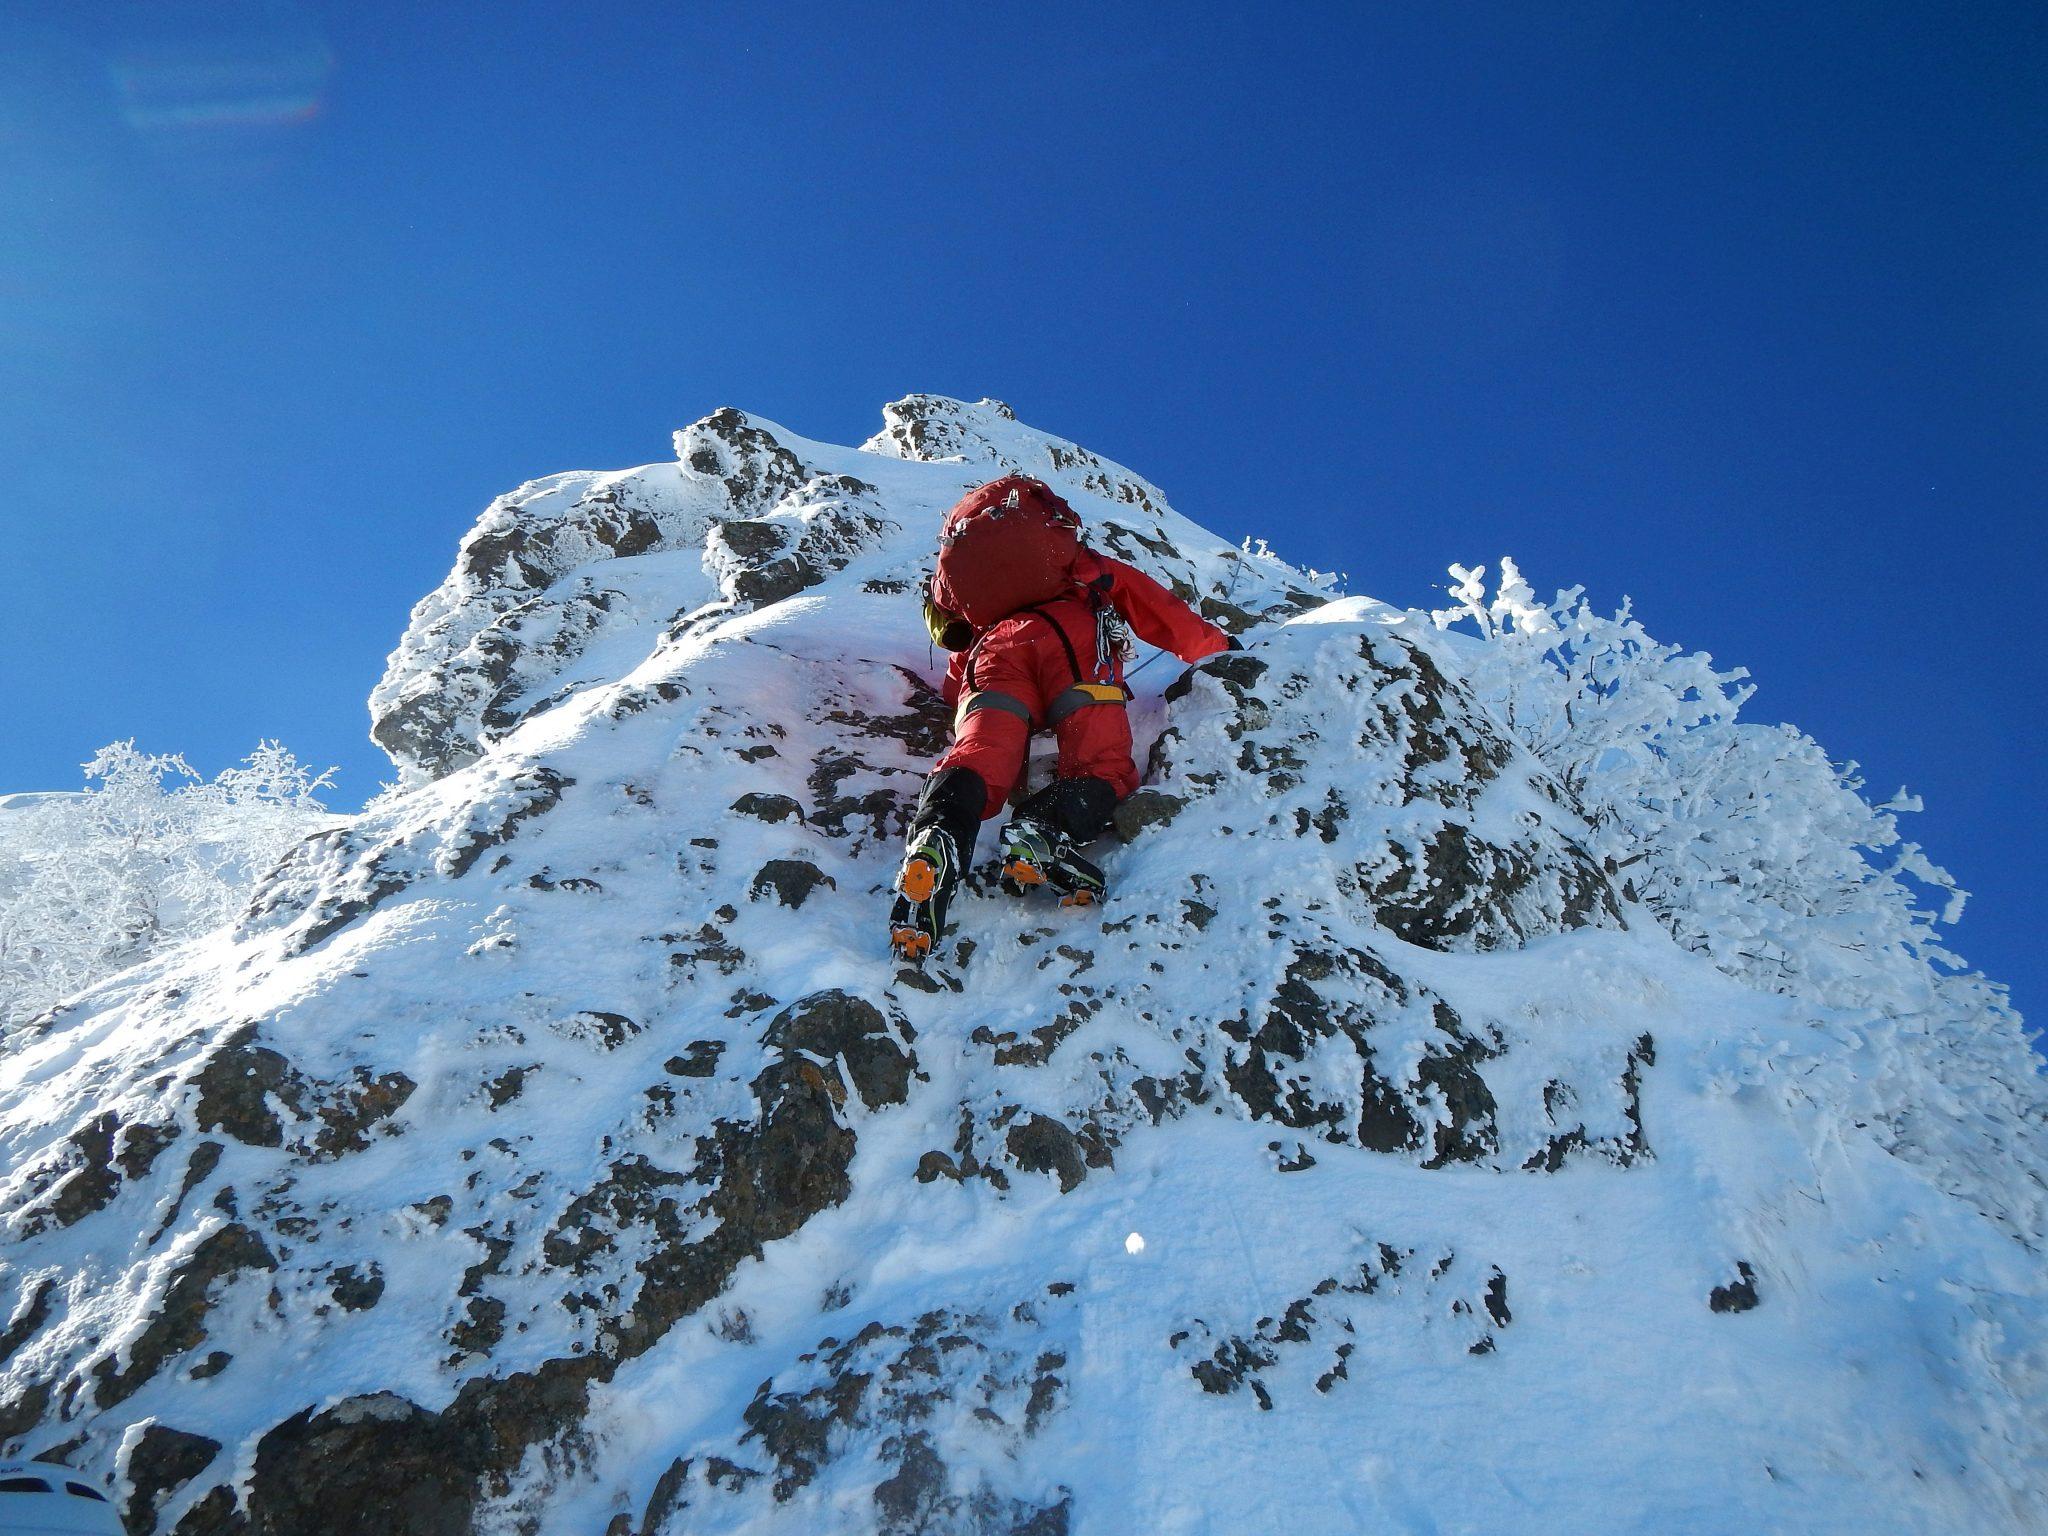 阿弥陀岳北稜とアイスクライミング